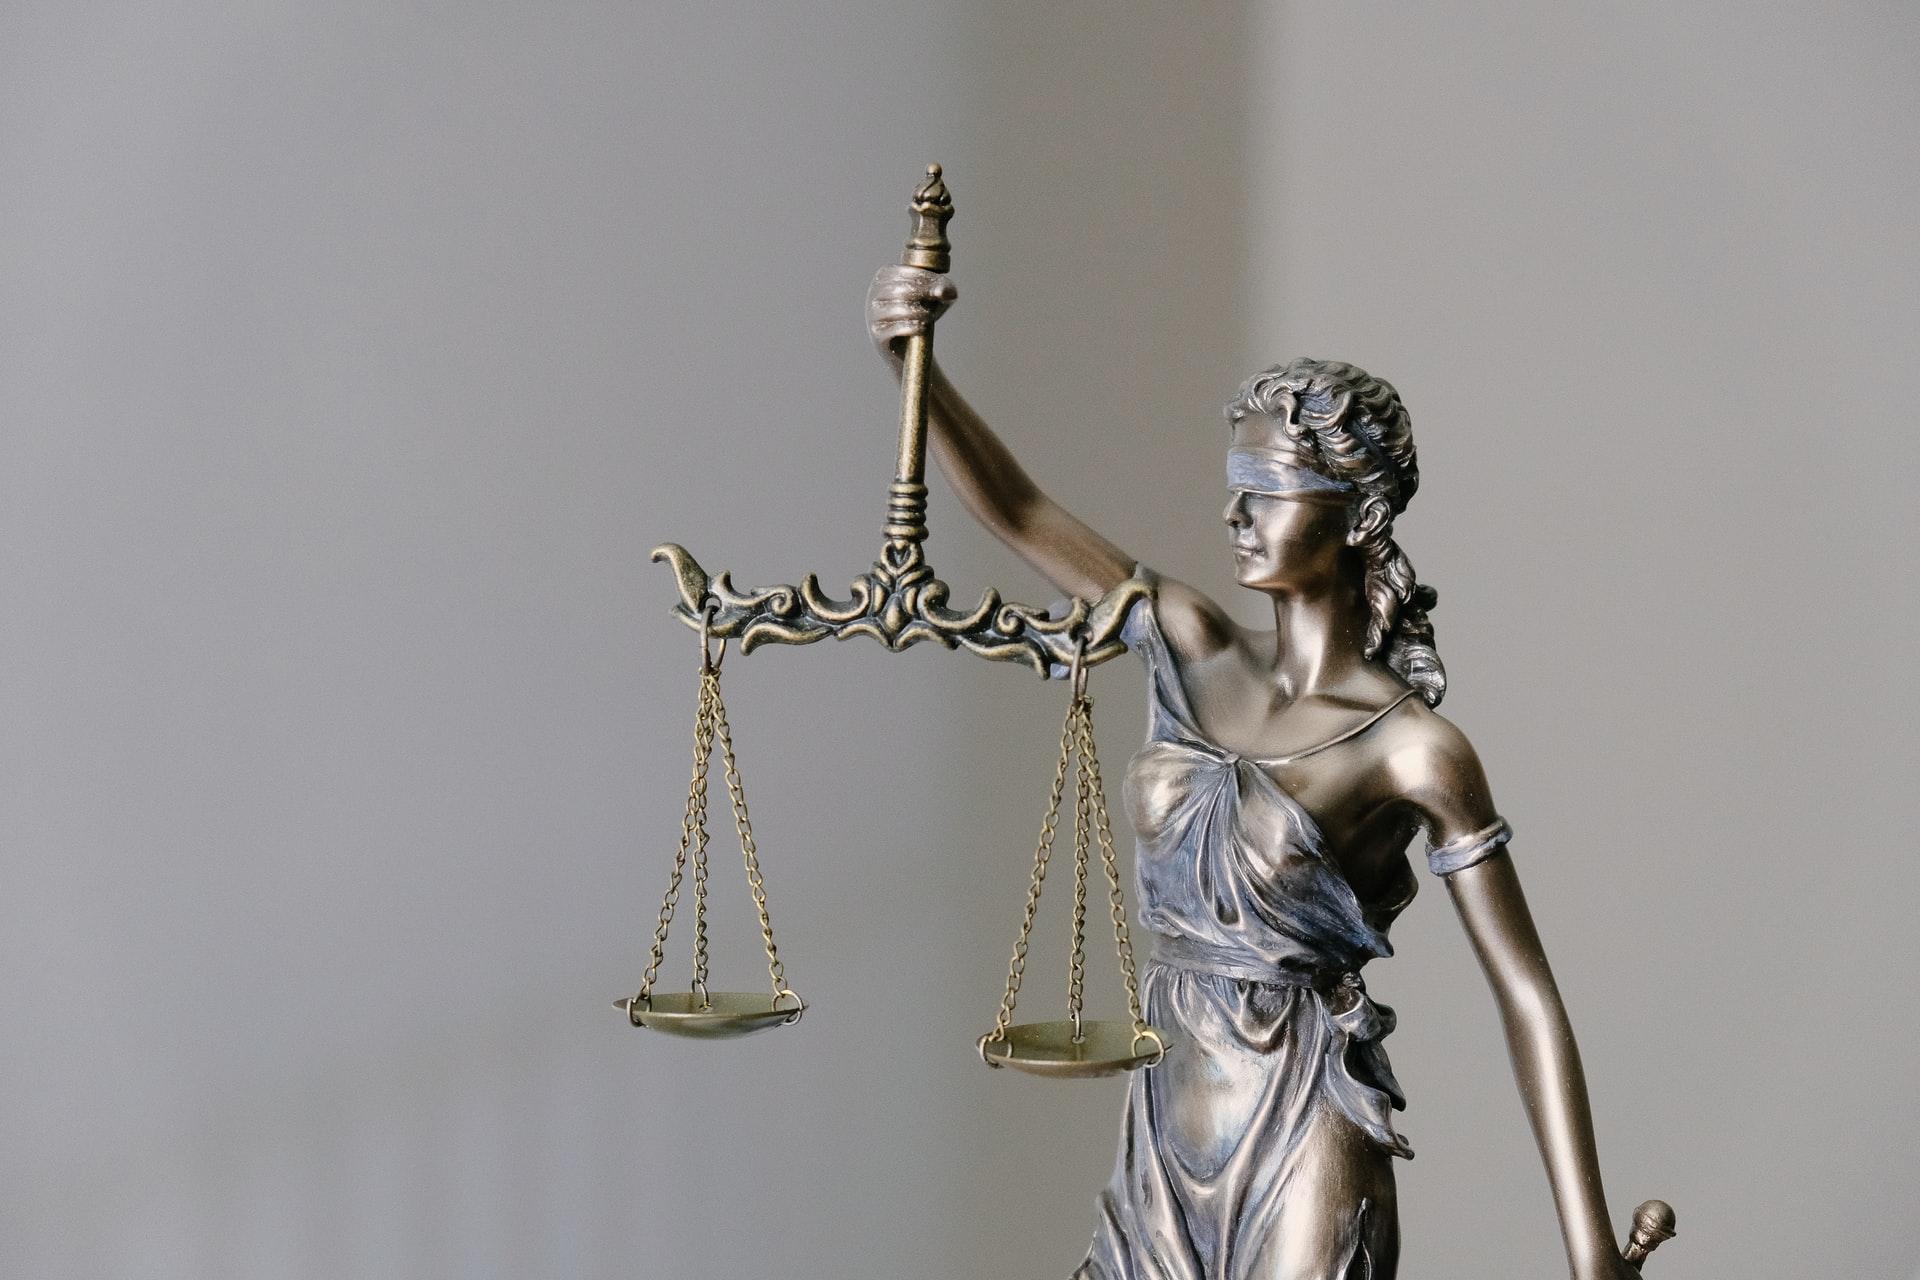 Photographie de la justice